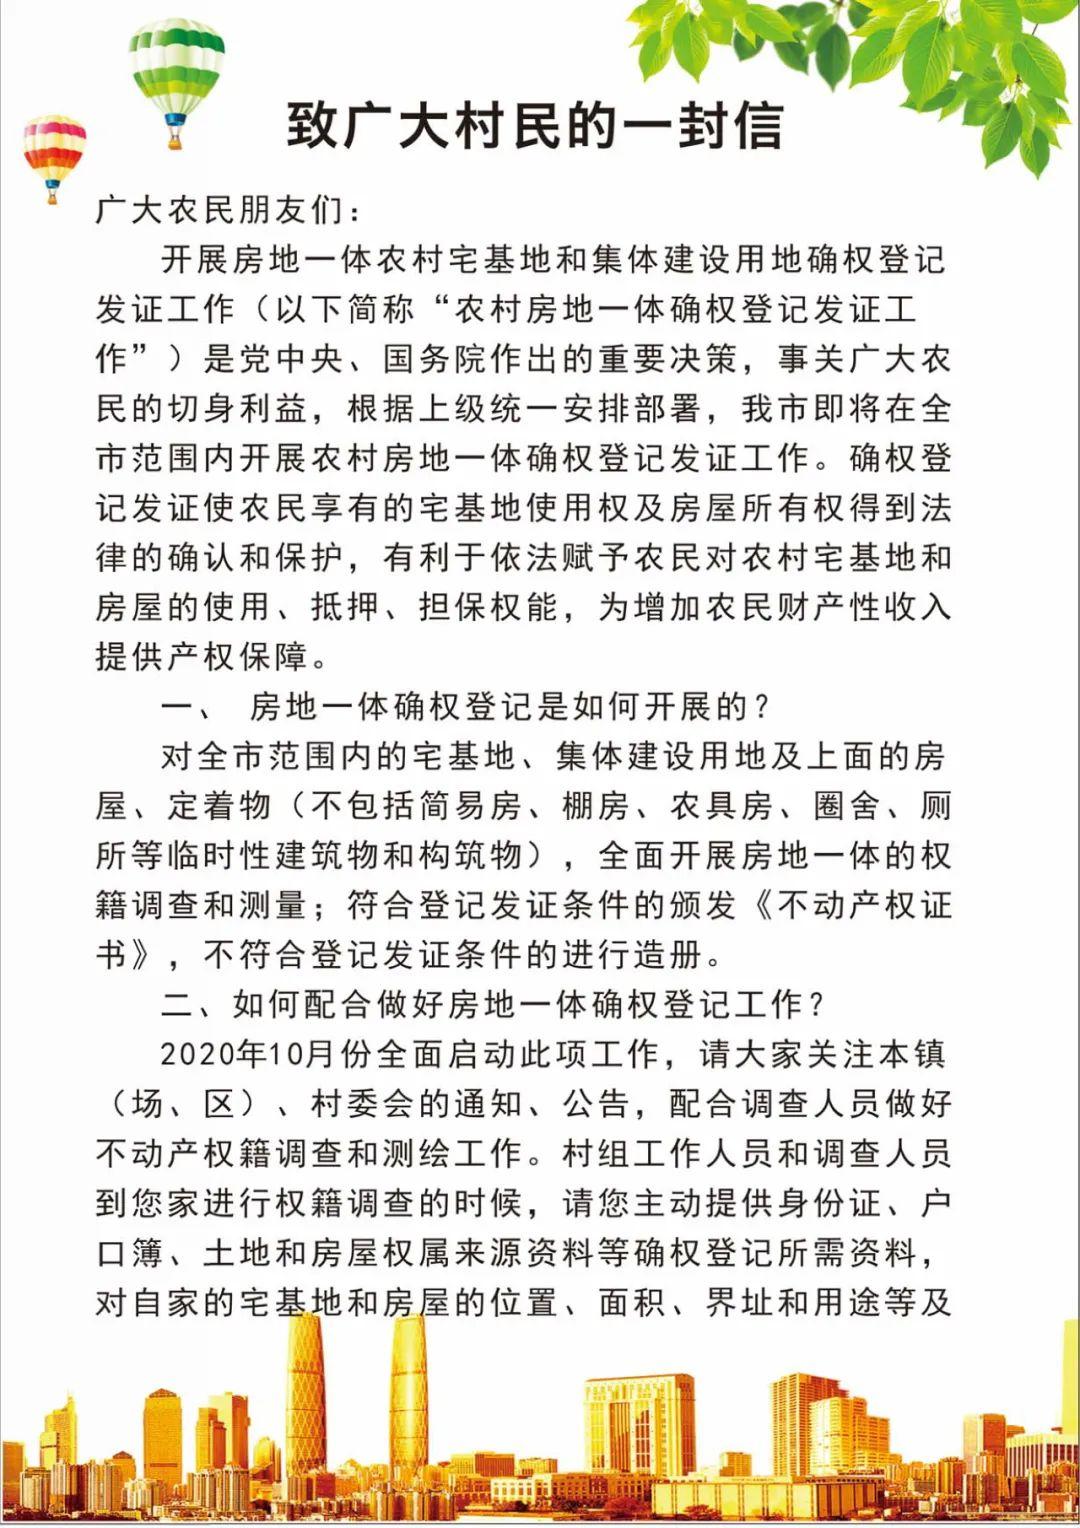 """陆丰农村""""房地一体农村宅基地和集体建设用地""""不动产登记发证即将开始 陆丰新闻 第1张"""